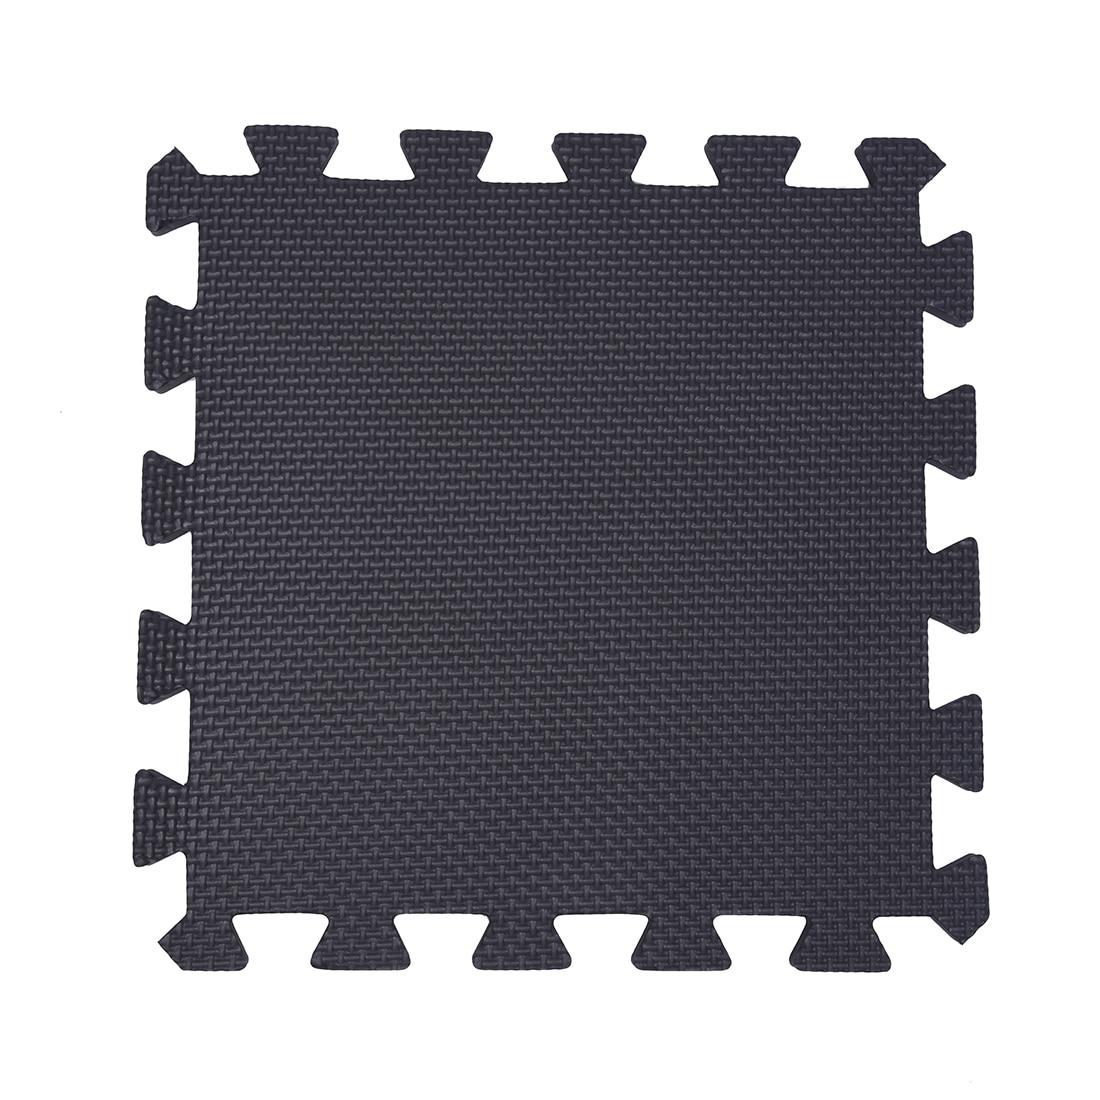 New 10 Piece Eva Foam Puzzle Exercise Mat Interlocking Floor Tiles -- White And Black